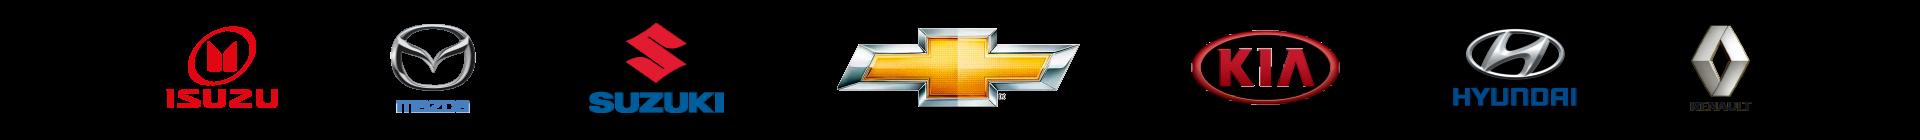 Logos marcas de repuestos